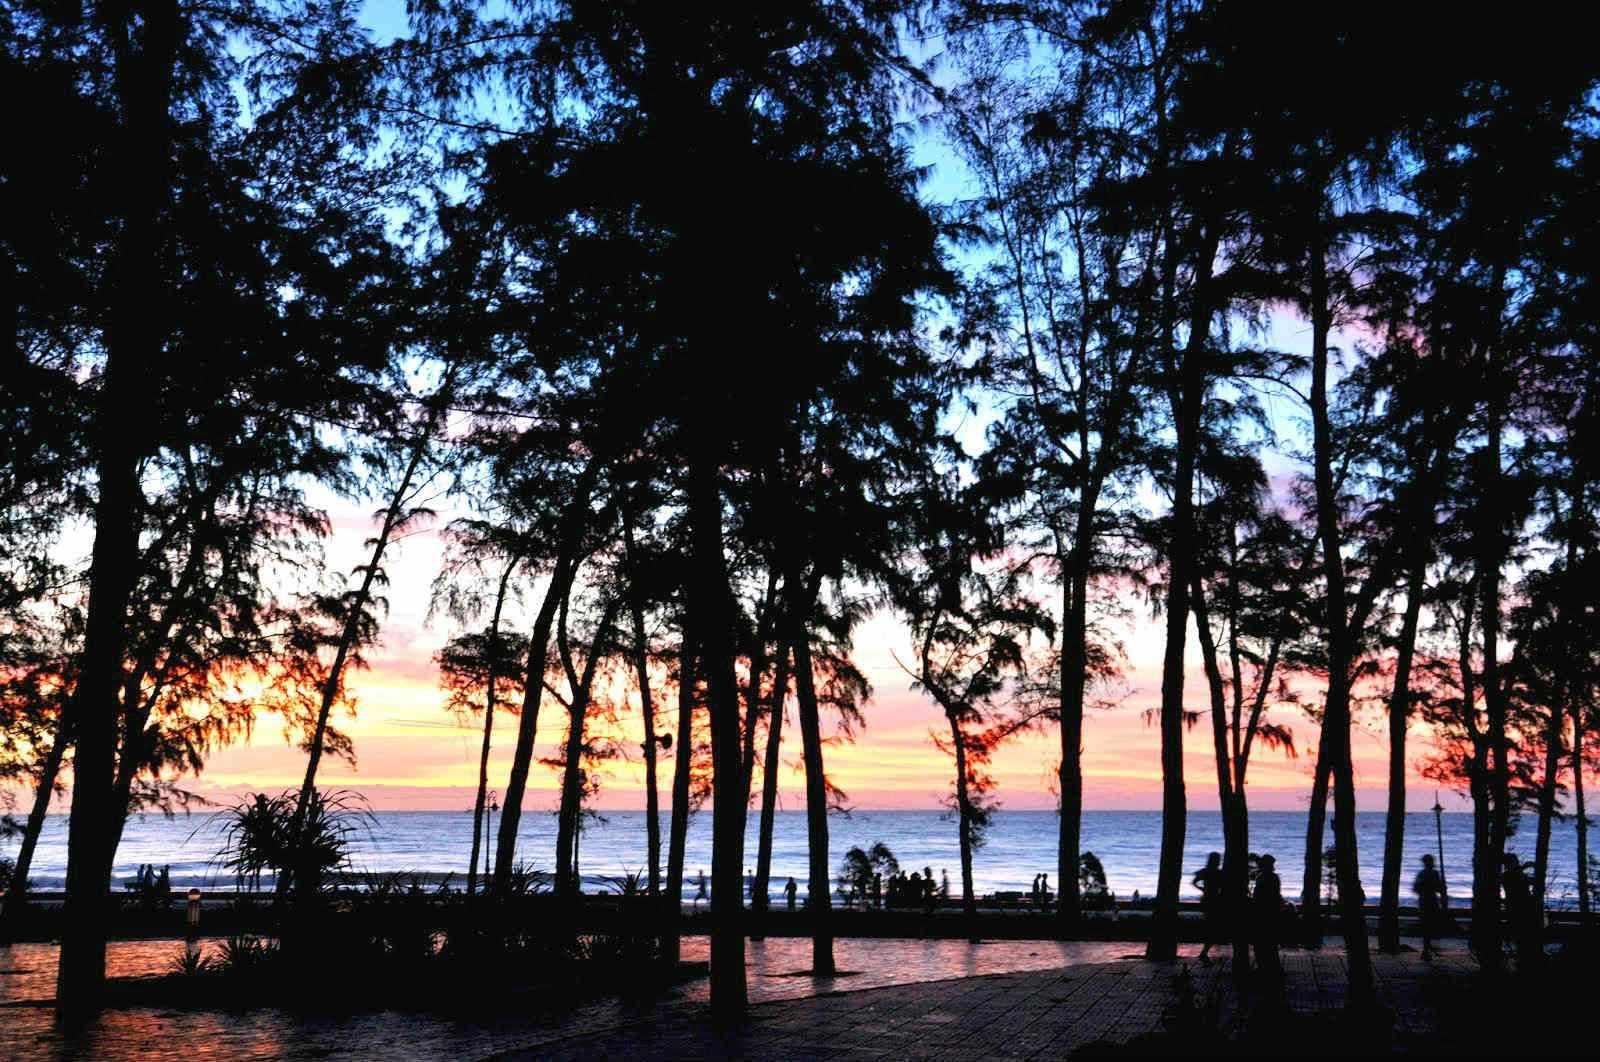 Tour Phan Thiết - Hoàng hôn ráng vàng cả vùng trời biển Đồi Dương